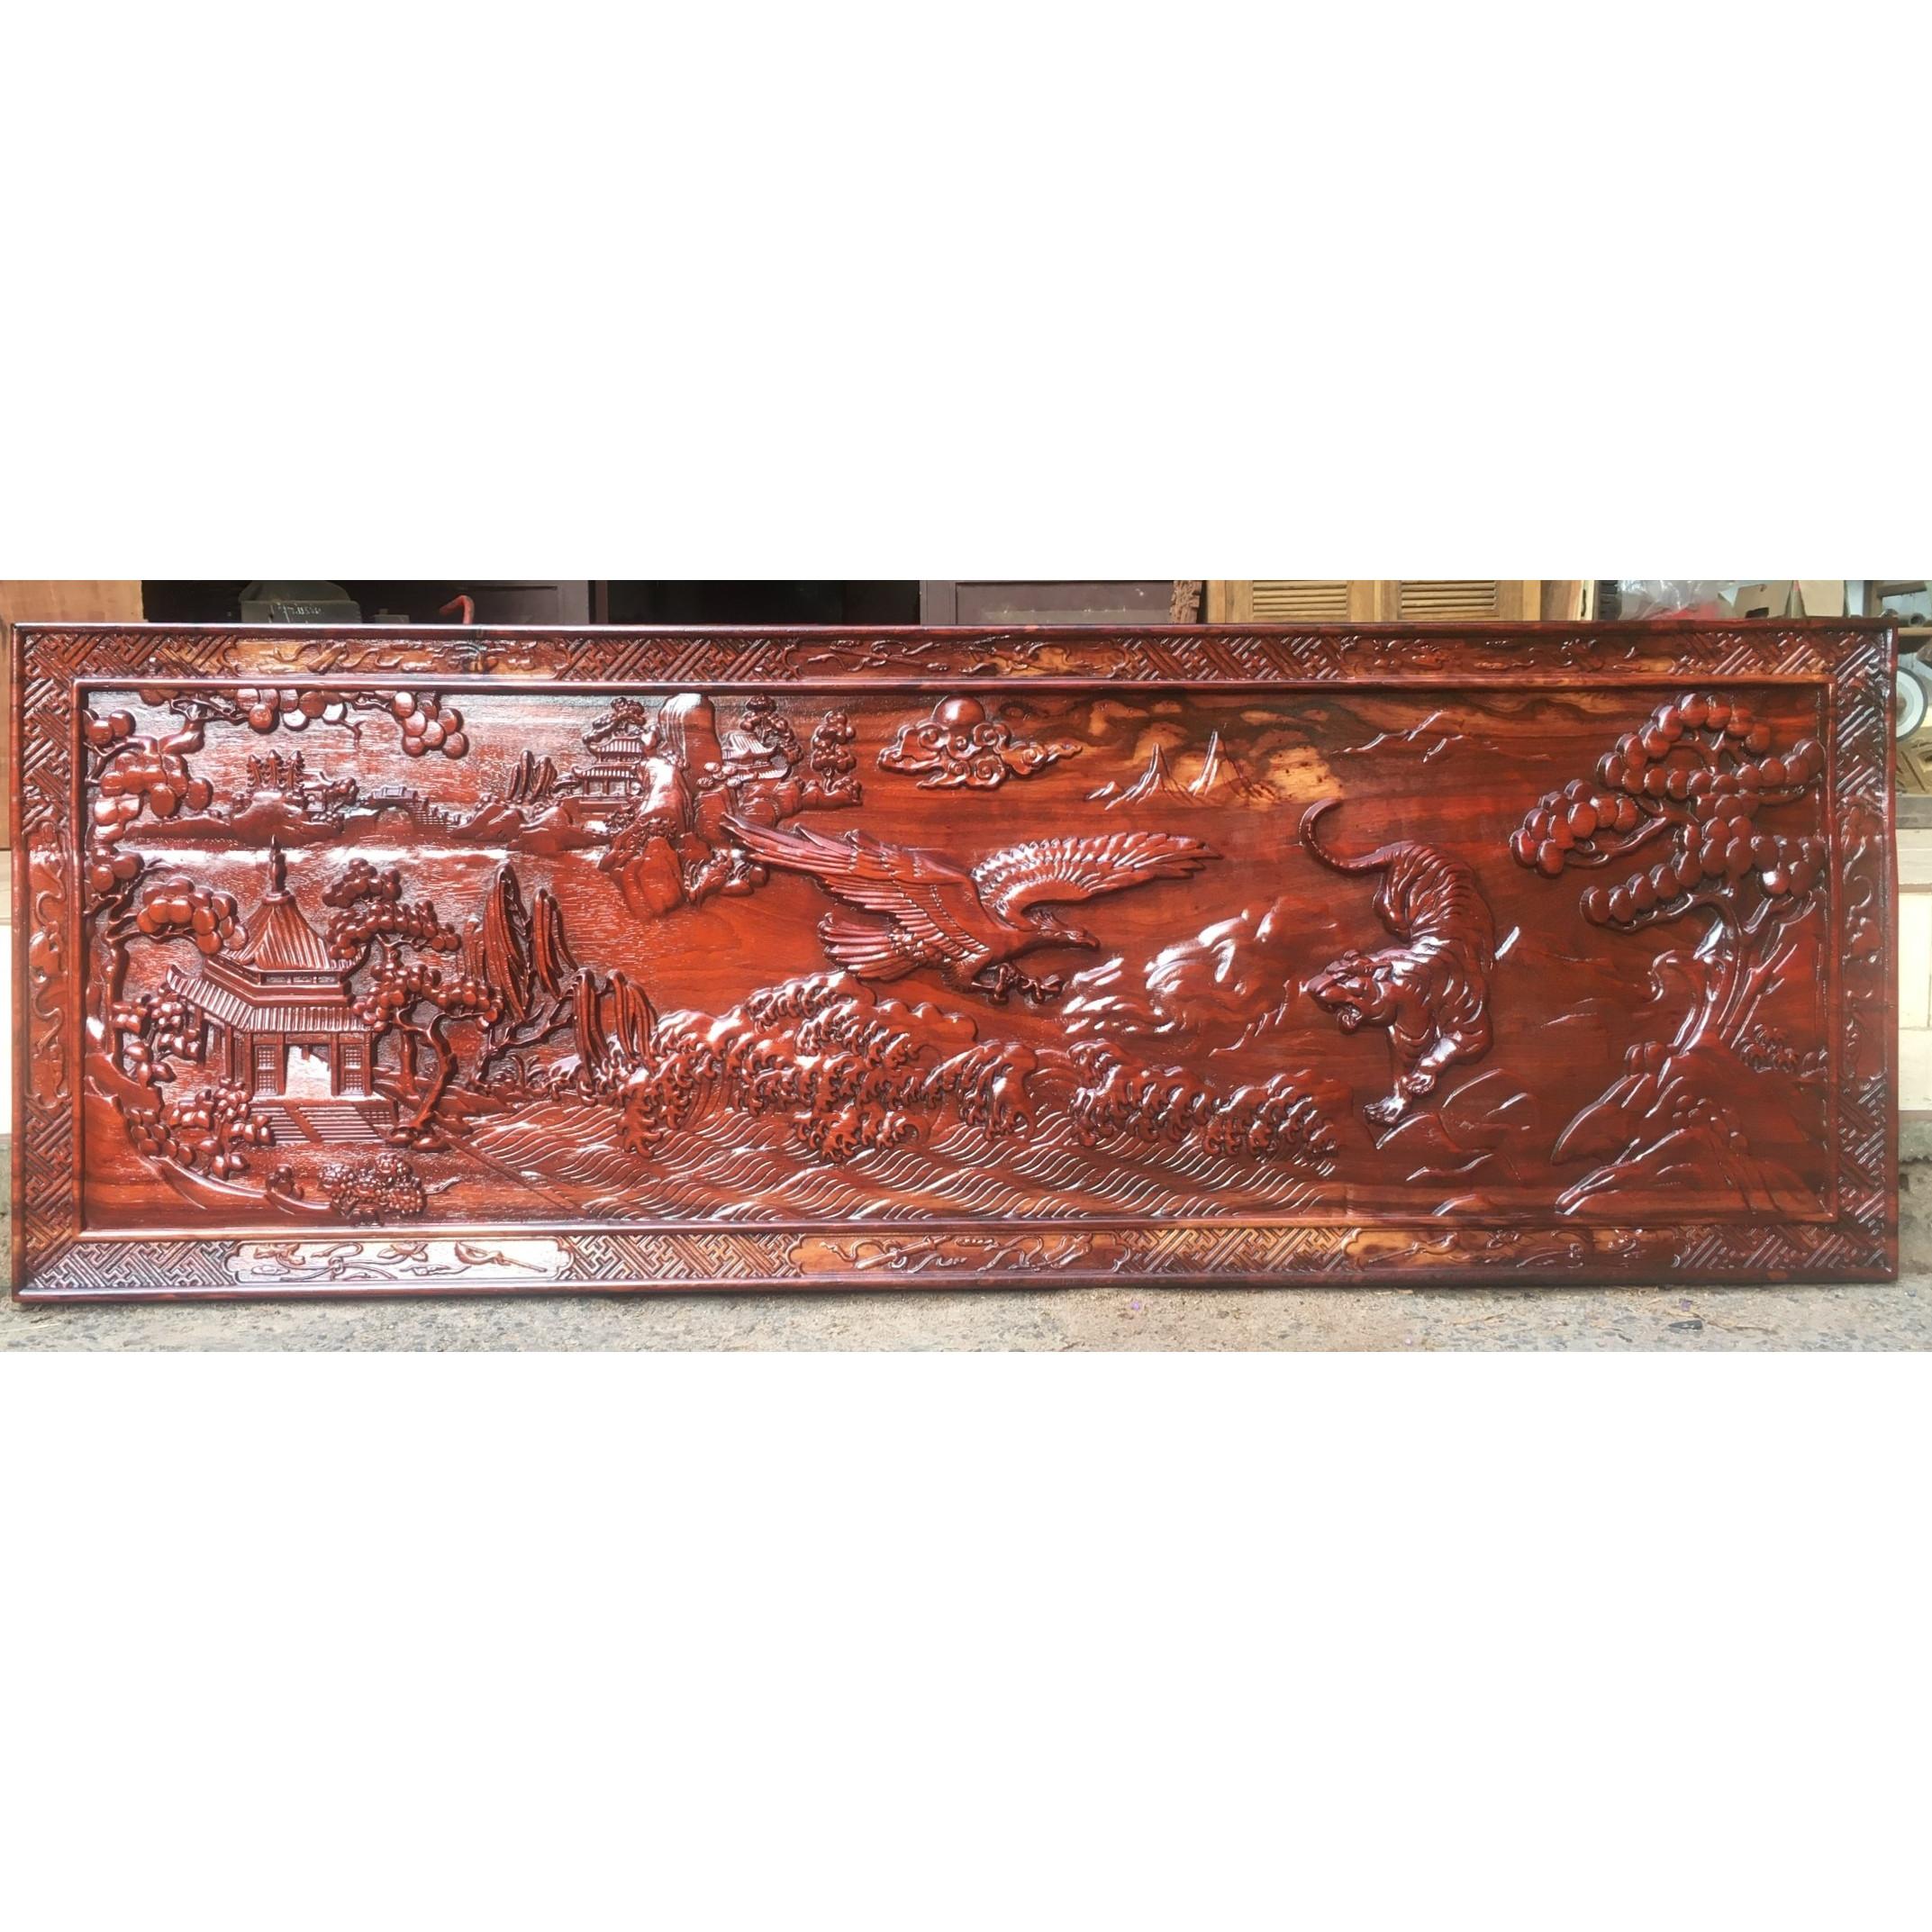 Tranh gỗ ANH HÙNG TƯƠNG NGỘ gỗ HƯƠNG ĐỎ 51cmx141cm